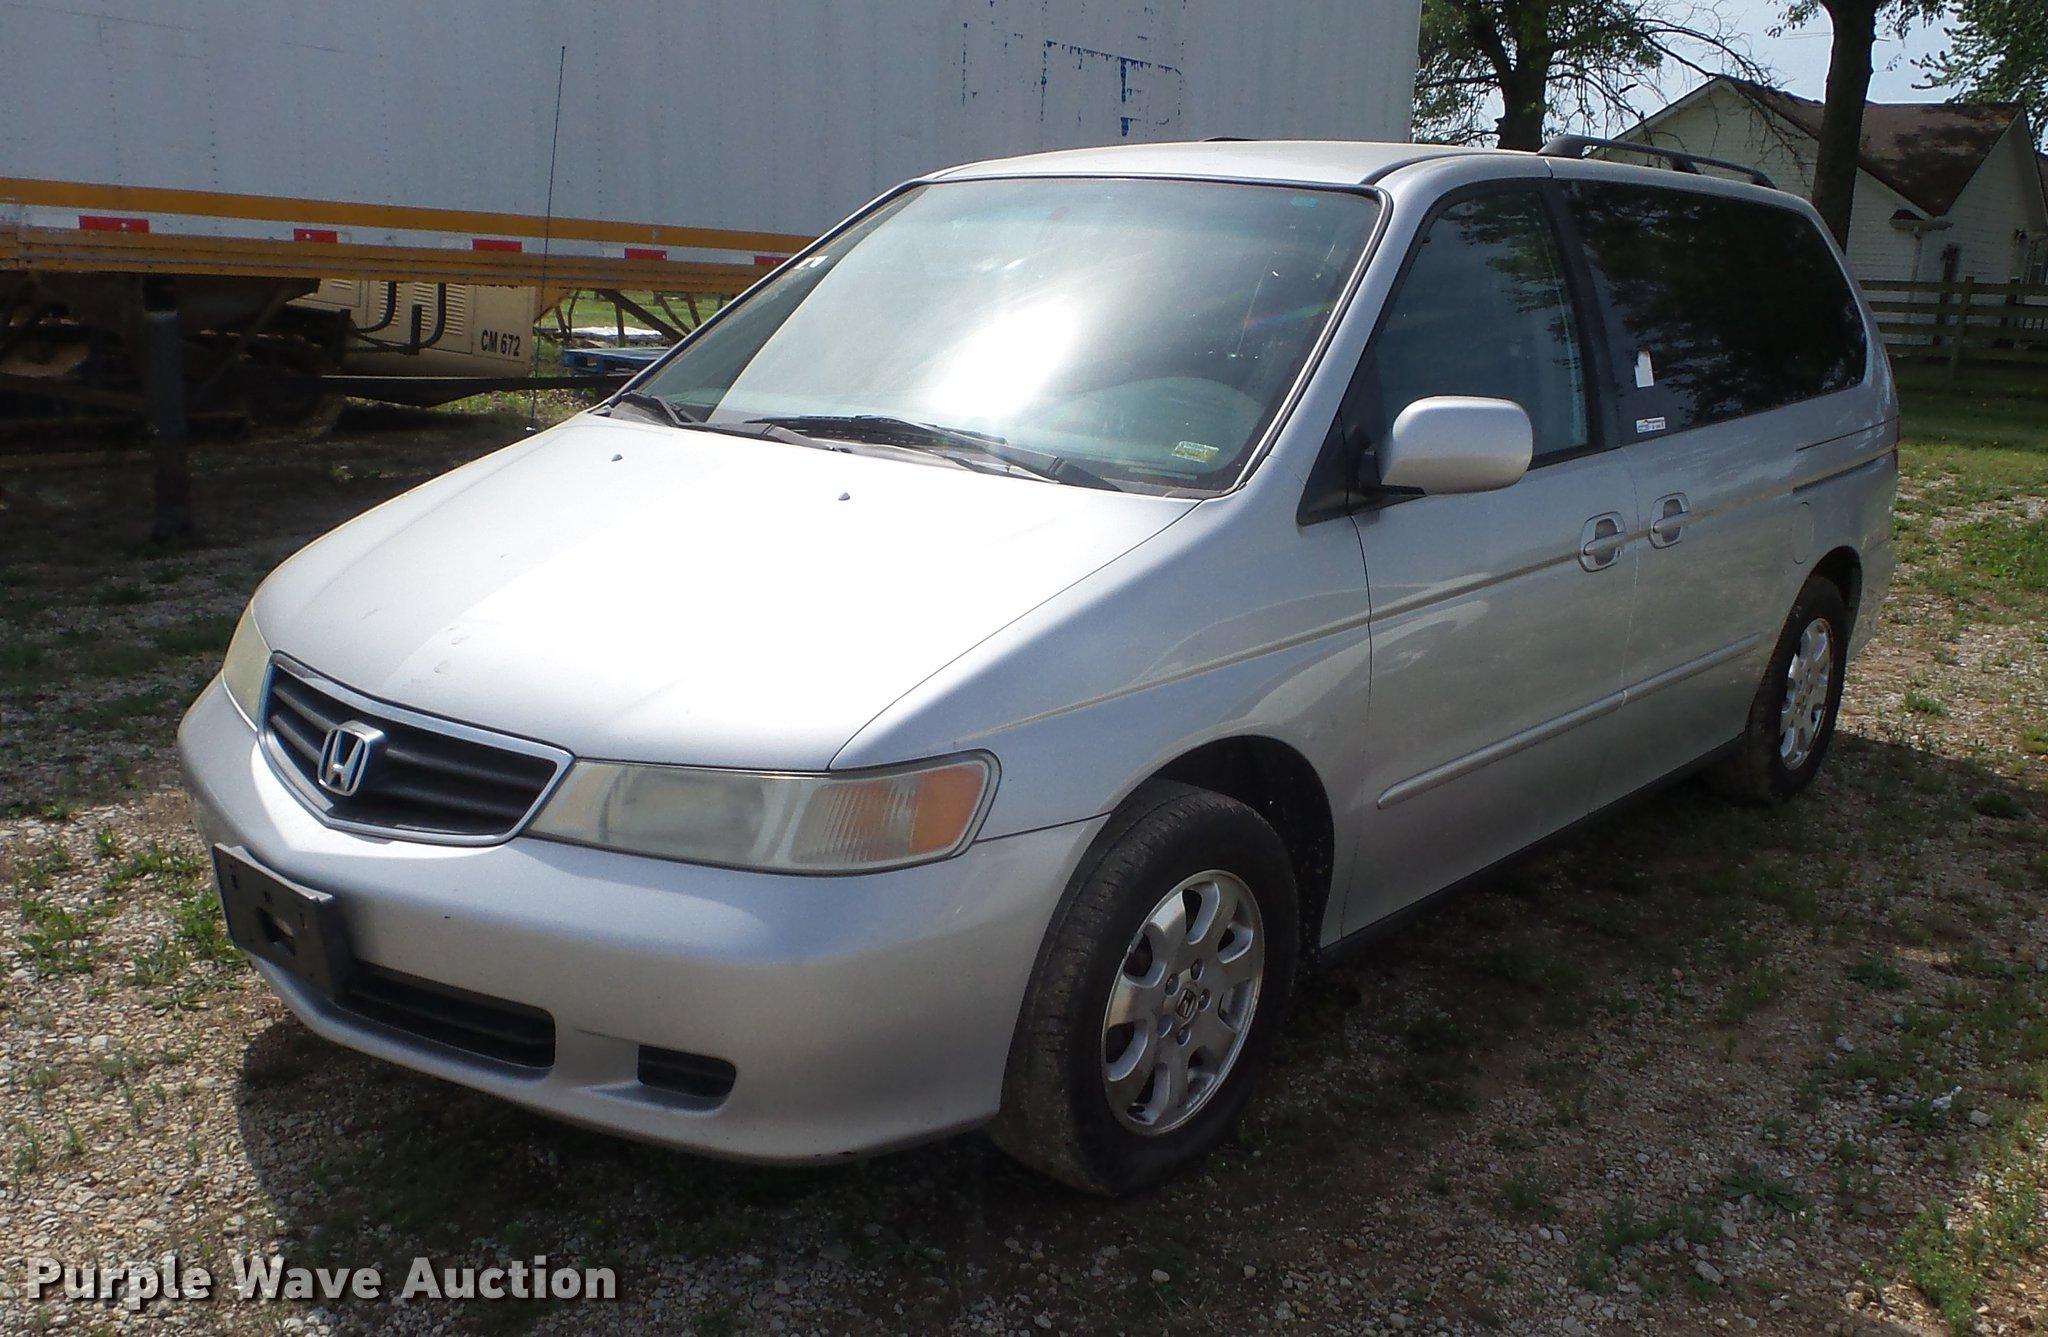 2004 Honda Odyssey van in Lamar, MO   Item BI9556 sold   Purple Wave